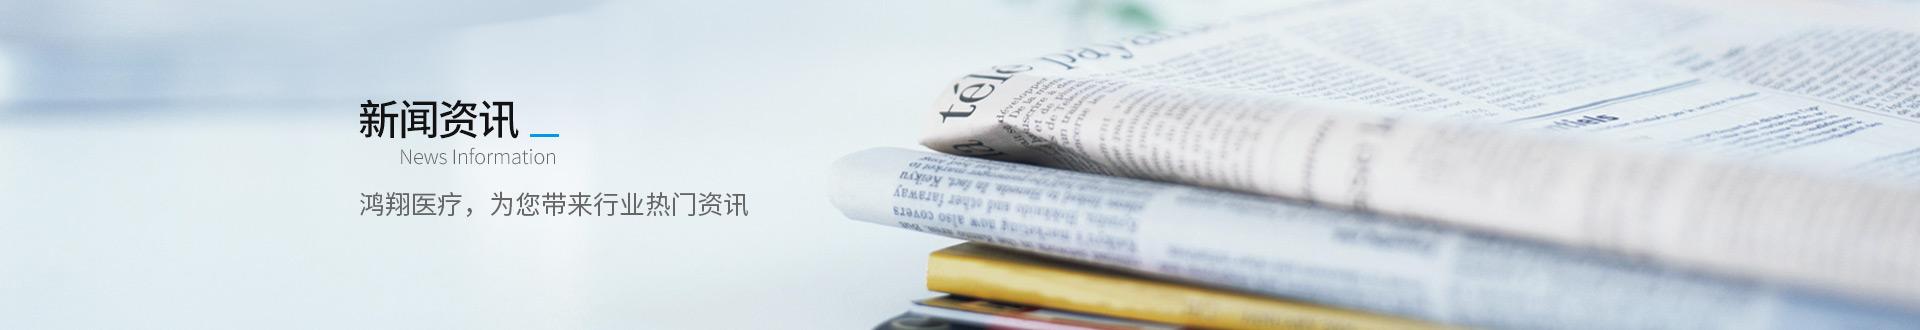 鸿翔医疗,为您带来行业热门资讯